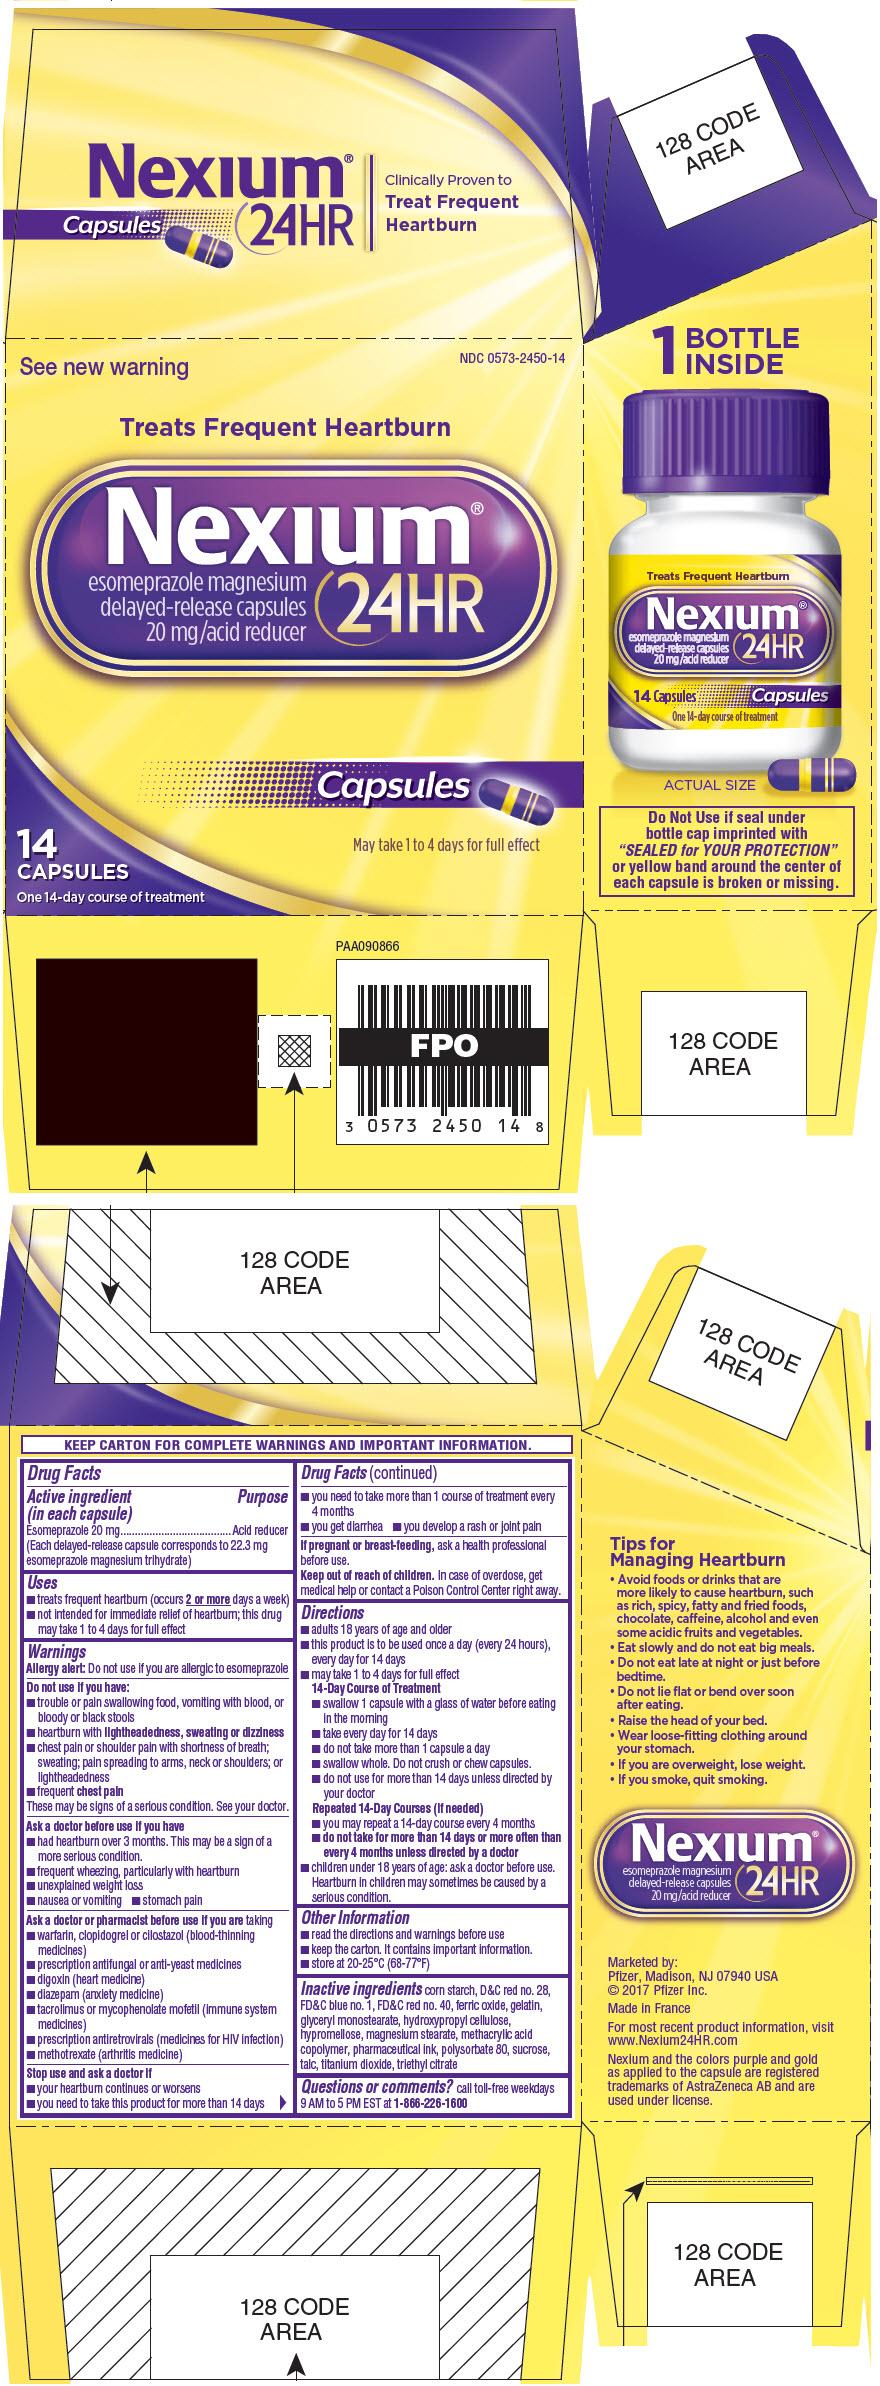 PRINCIPAL DISPLAY PANEL - 14 Capsule Bottle Carton